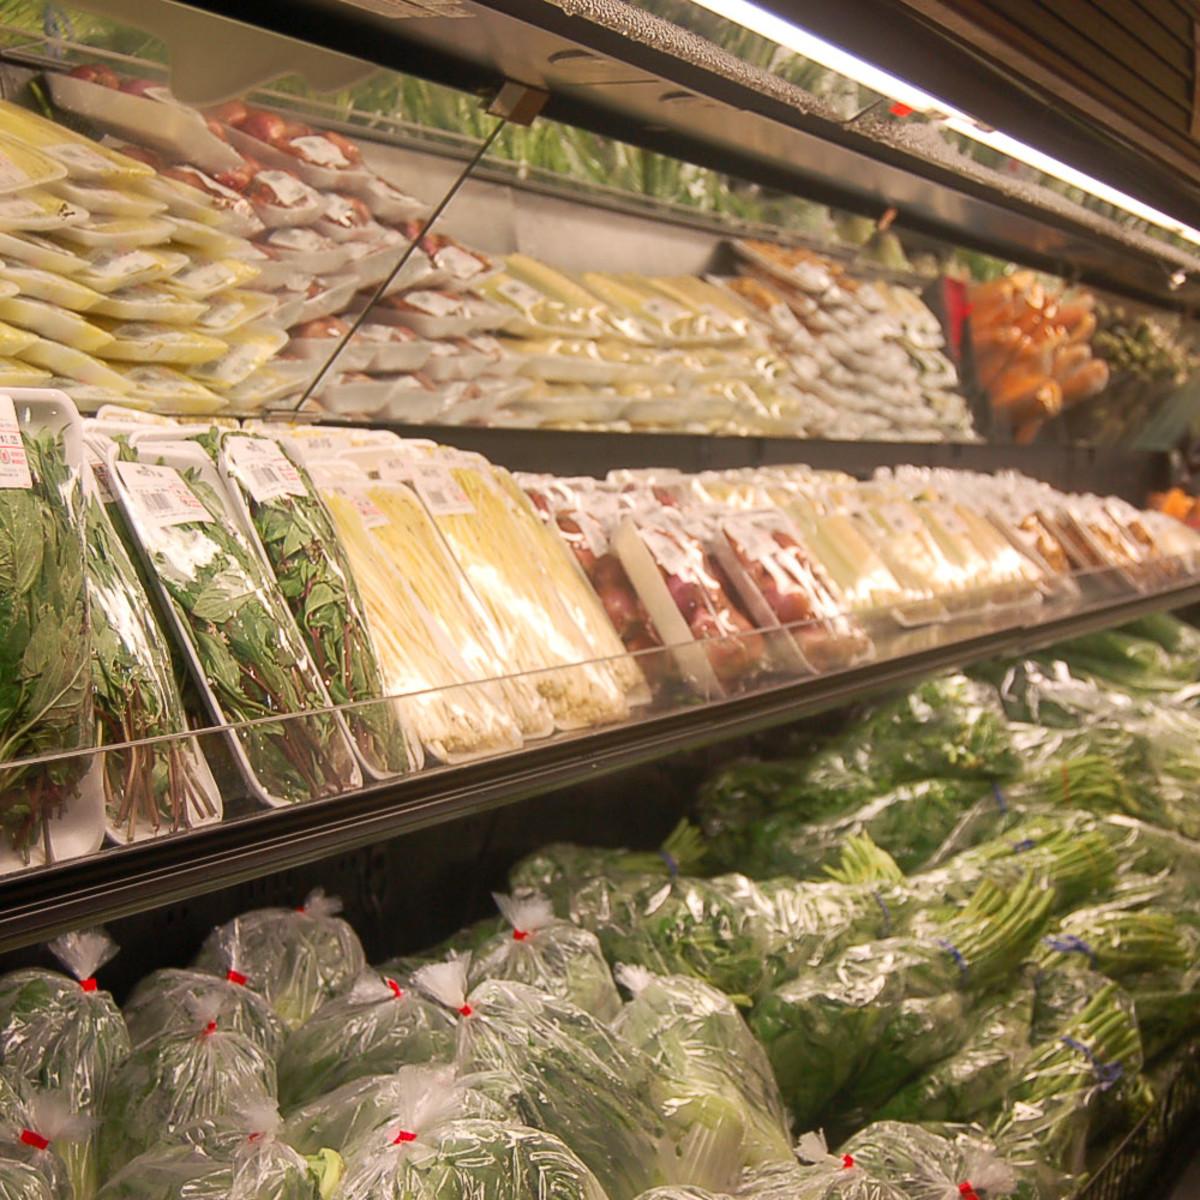 News Joel Luks Vegging Out 99 Ranch Market Assortment Greens